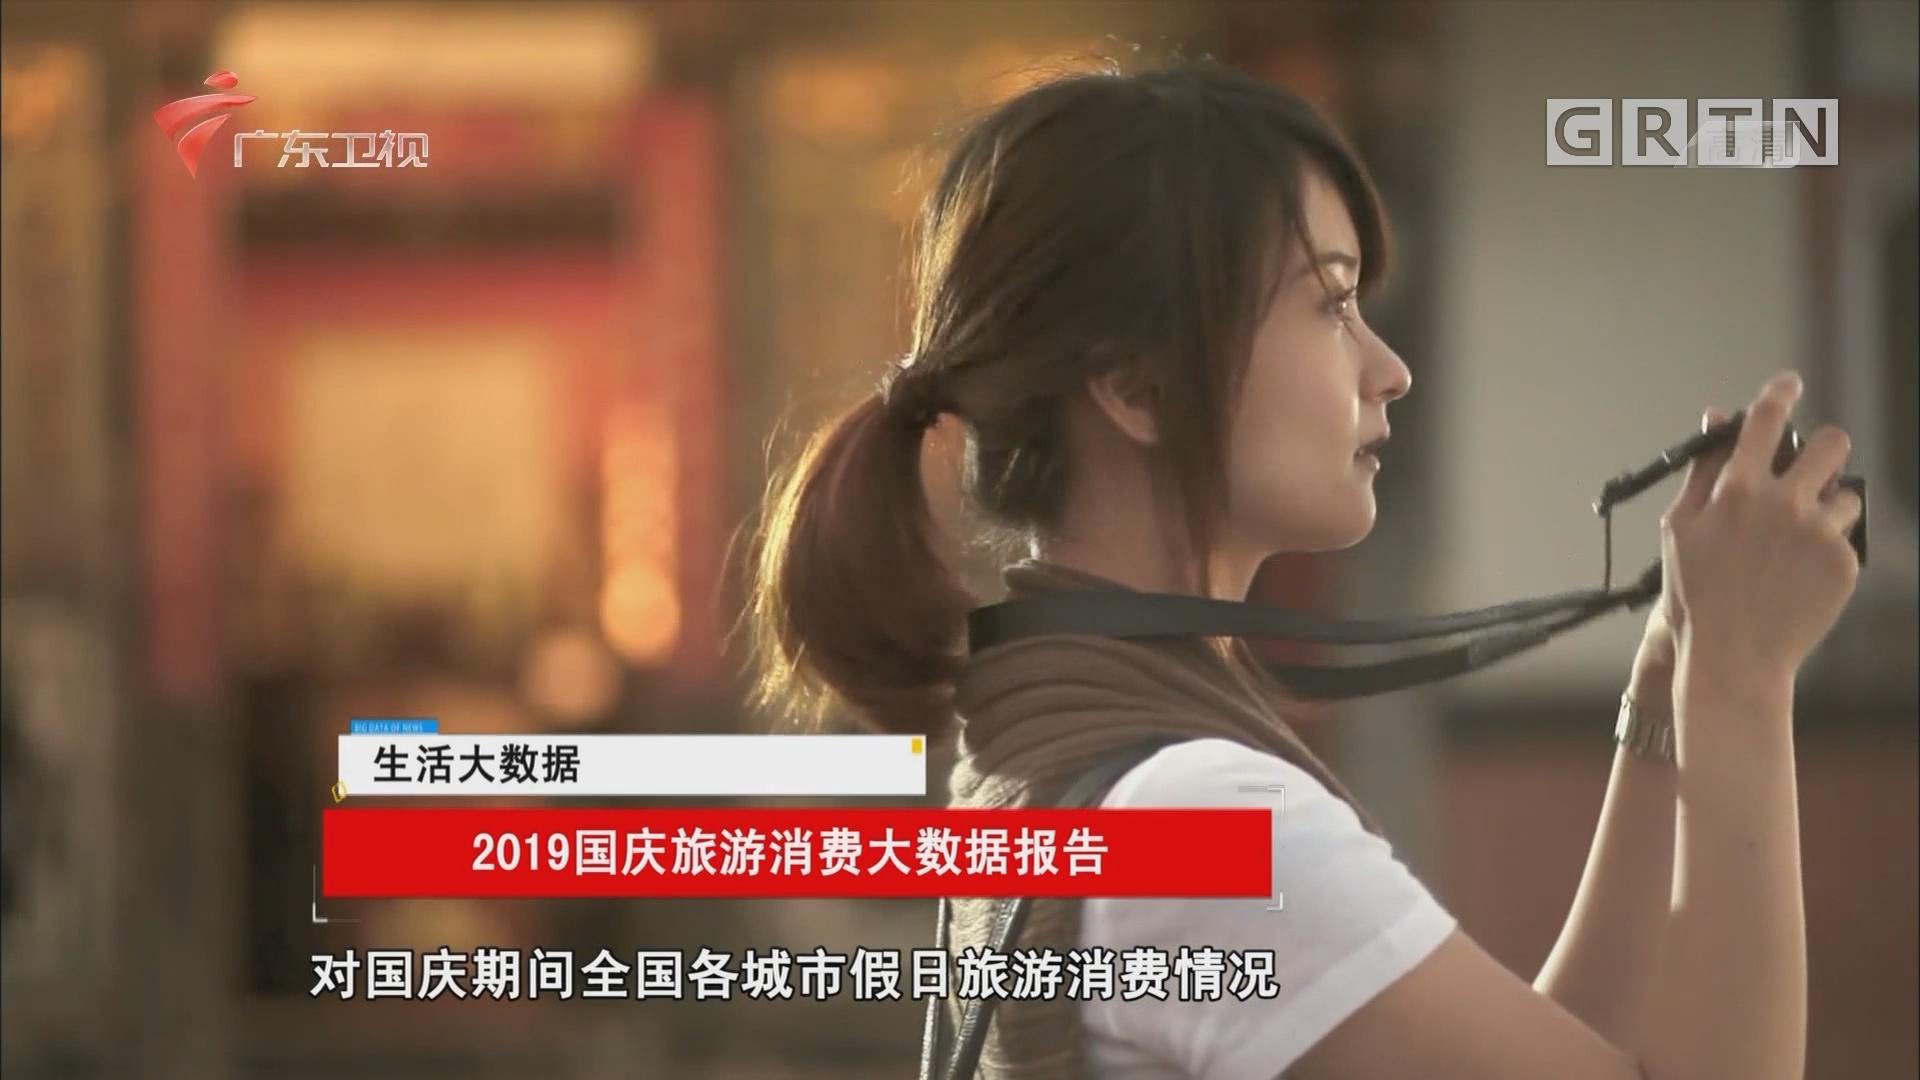 2019国庆旅游消费大数据报告